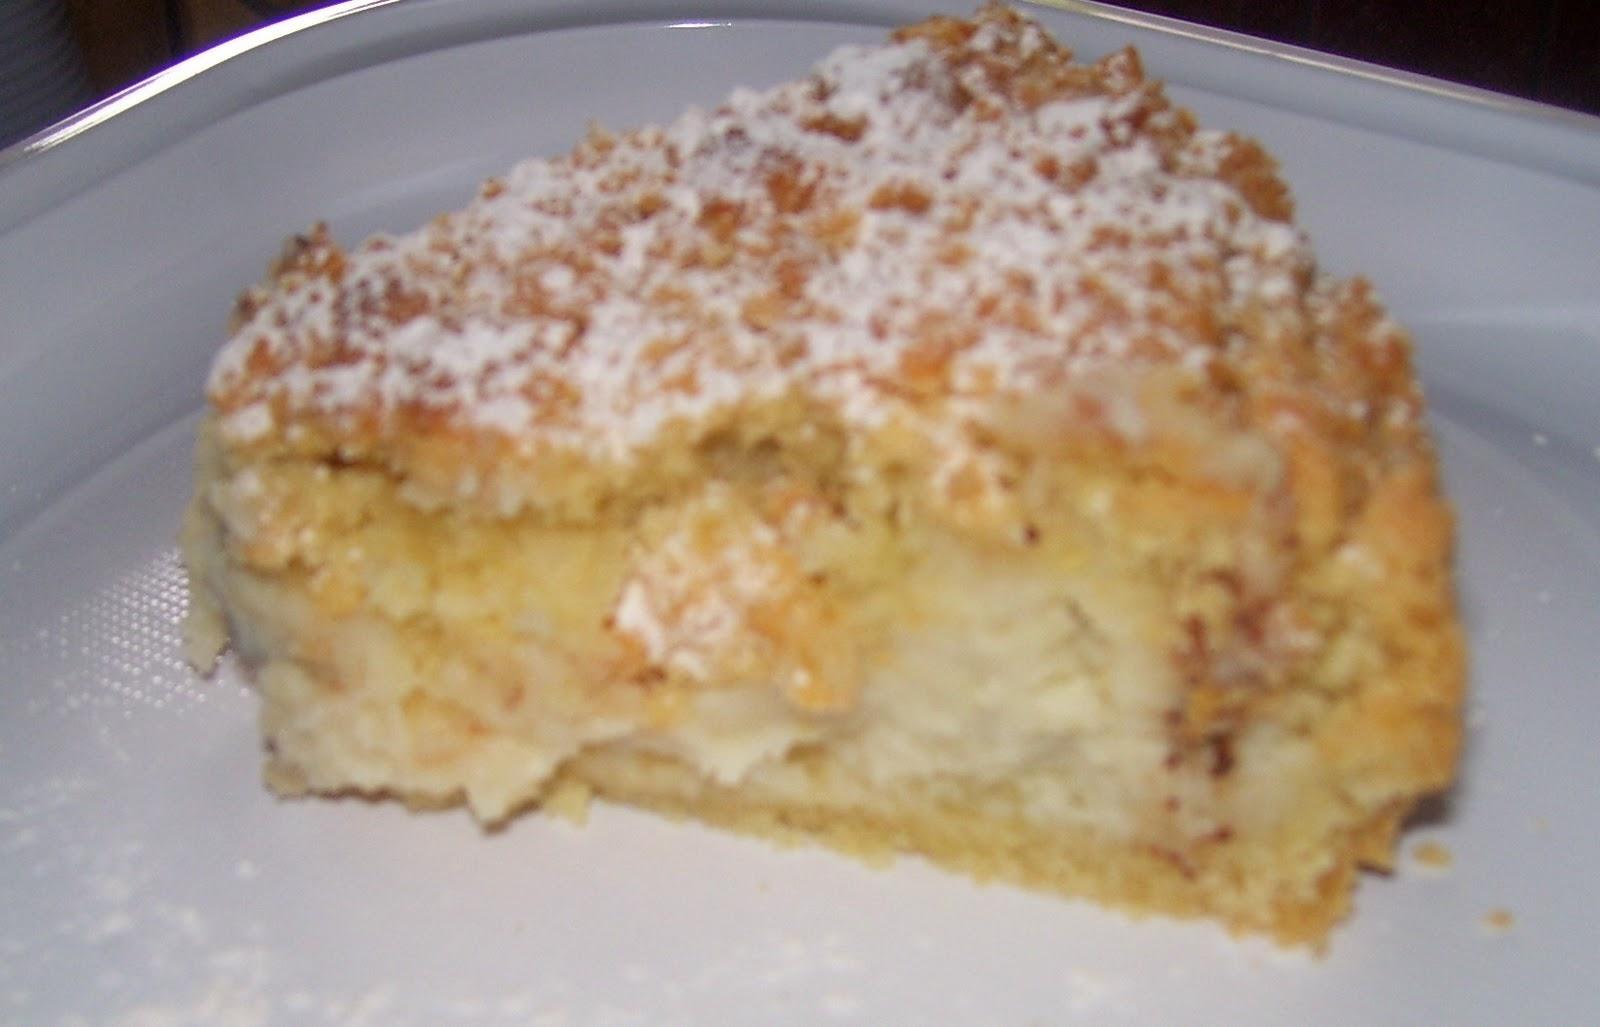 Cucina Moderna Ricette Ricette Di Cucina Torte Arte In Cucina  #7D4C30 1600 1027 Idee Colore Sala Da Pranzo